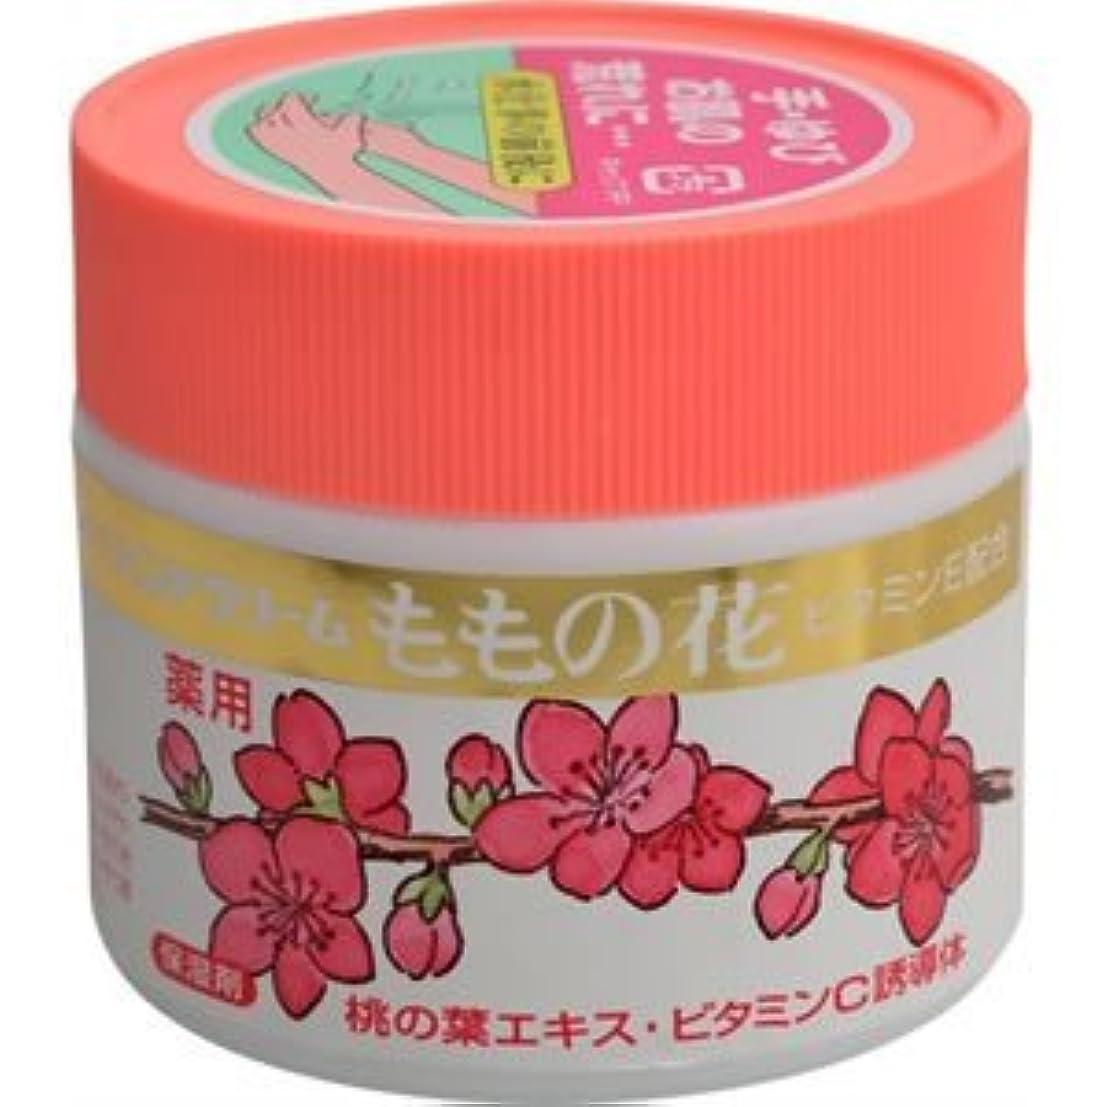 調整可能特徴づけるカロリー(オリヂナル株式会社)ももの花 薬用ハンドクリーム 70g(医薬部外品)